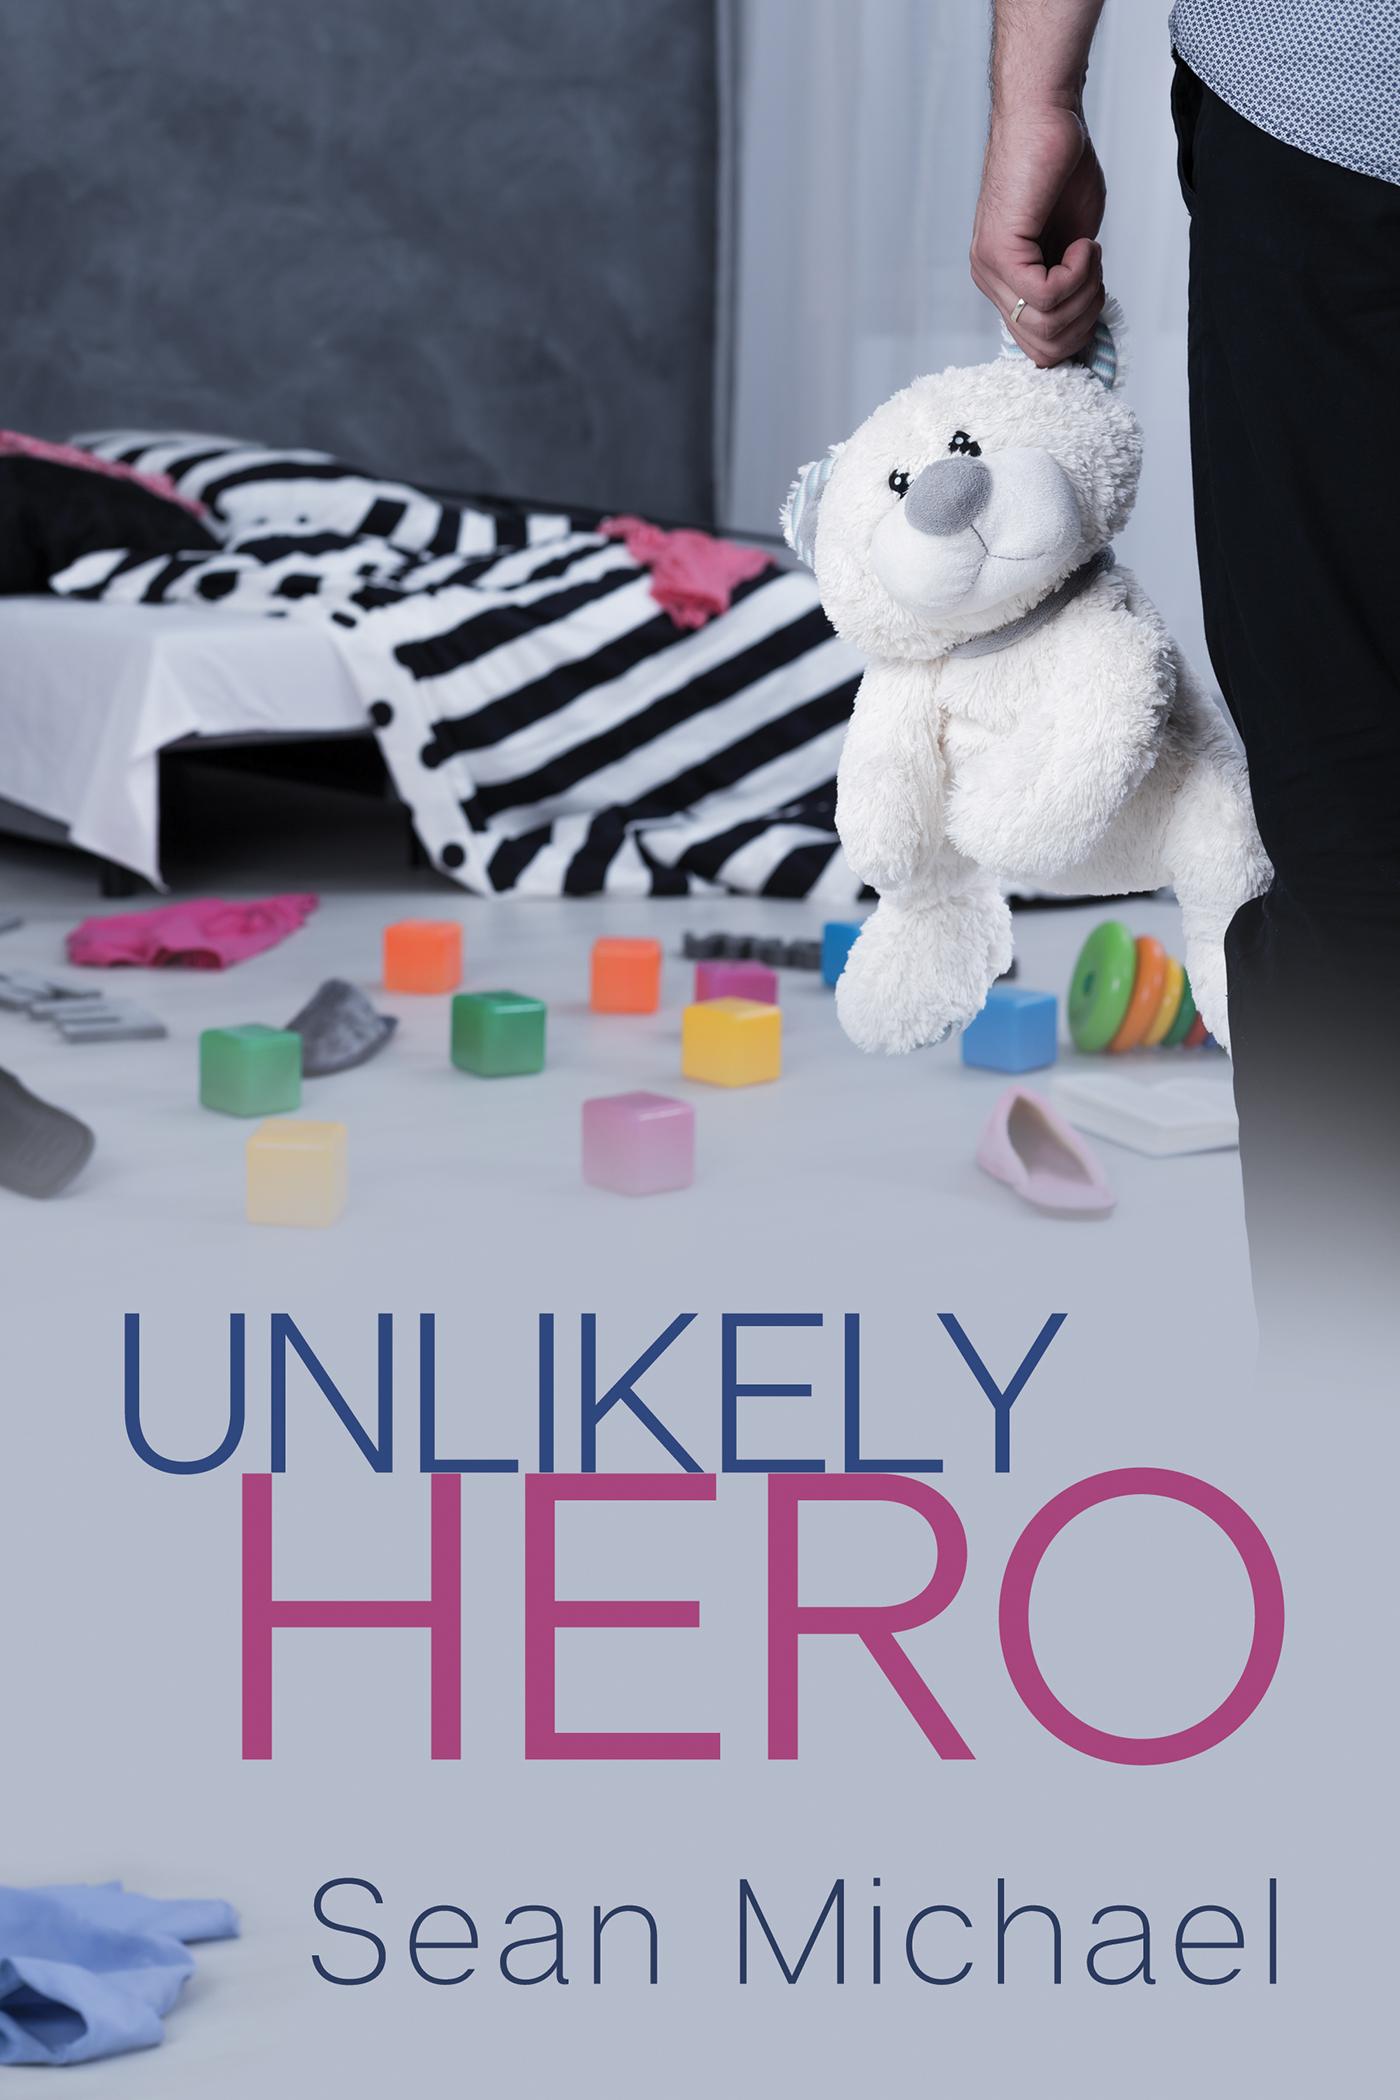 Unlikely Hero